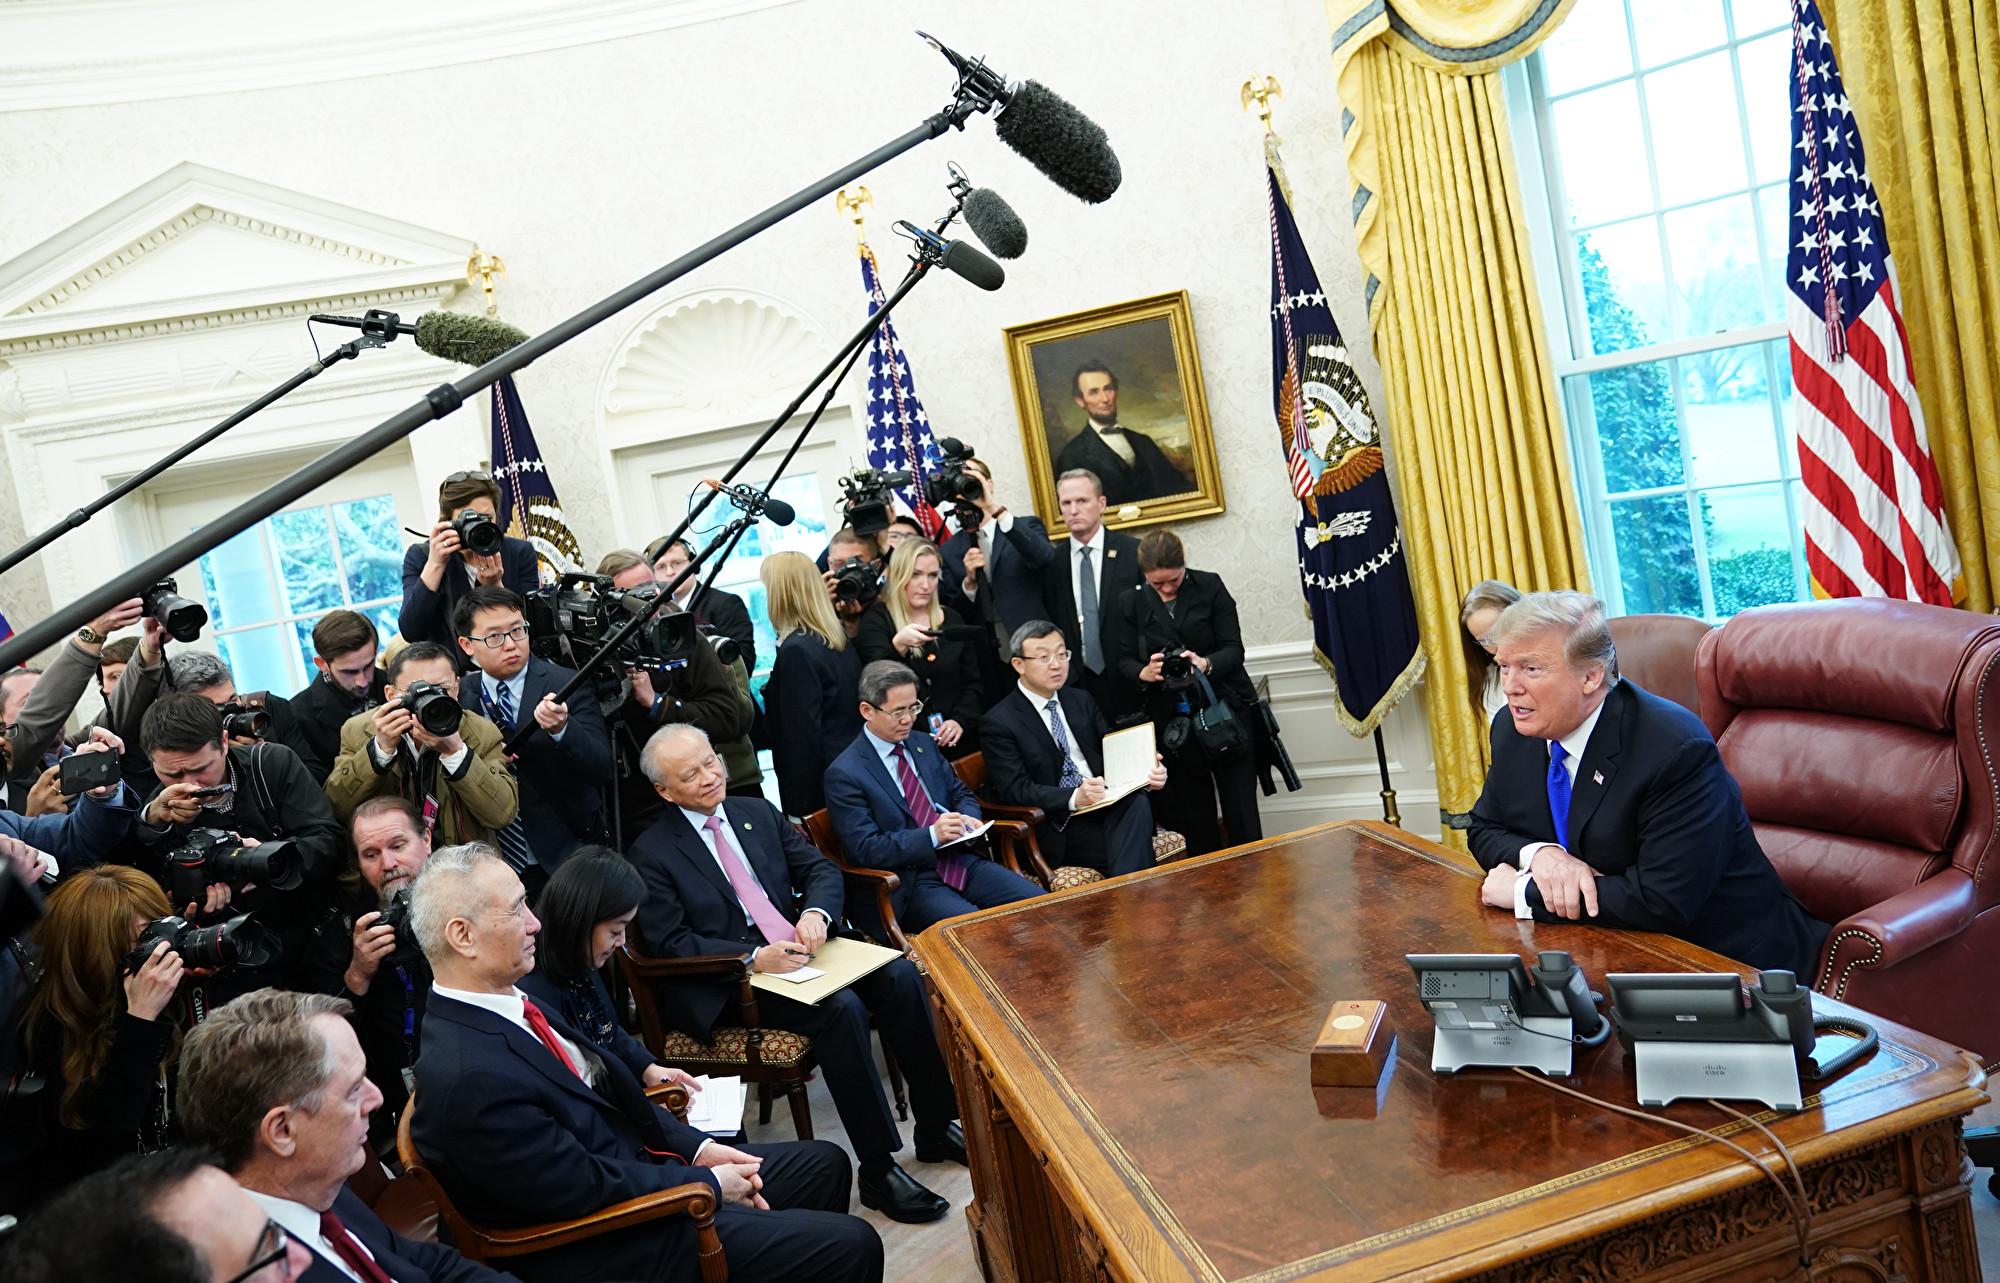 英媒:貿易談判無法解決中美根本分歧